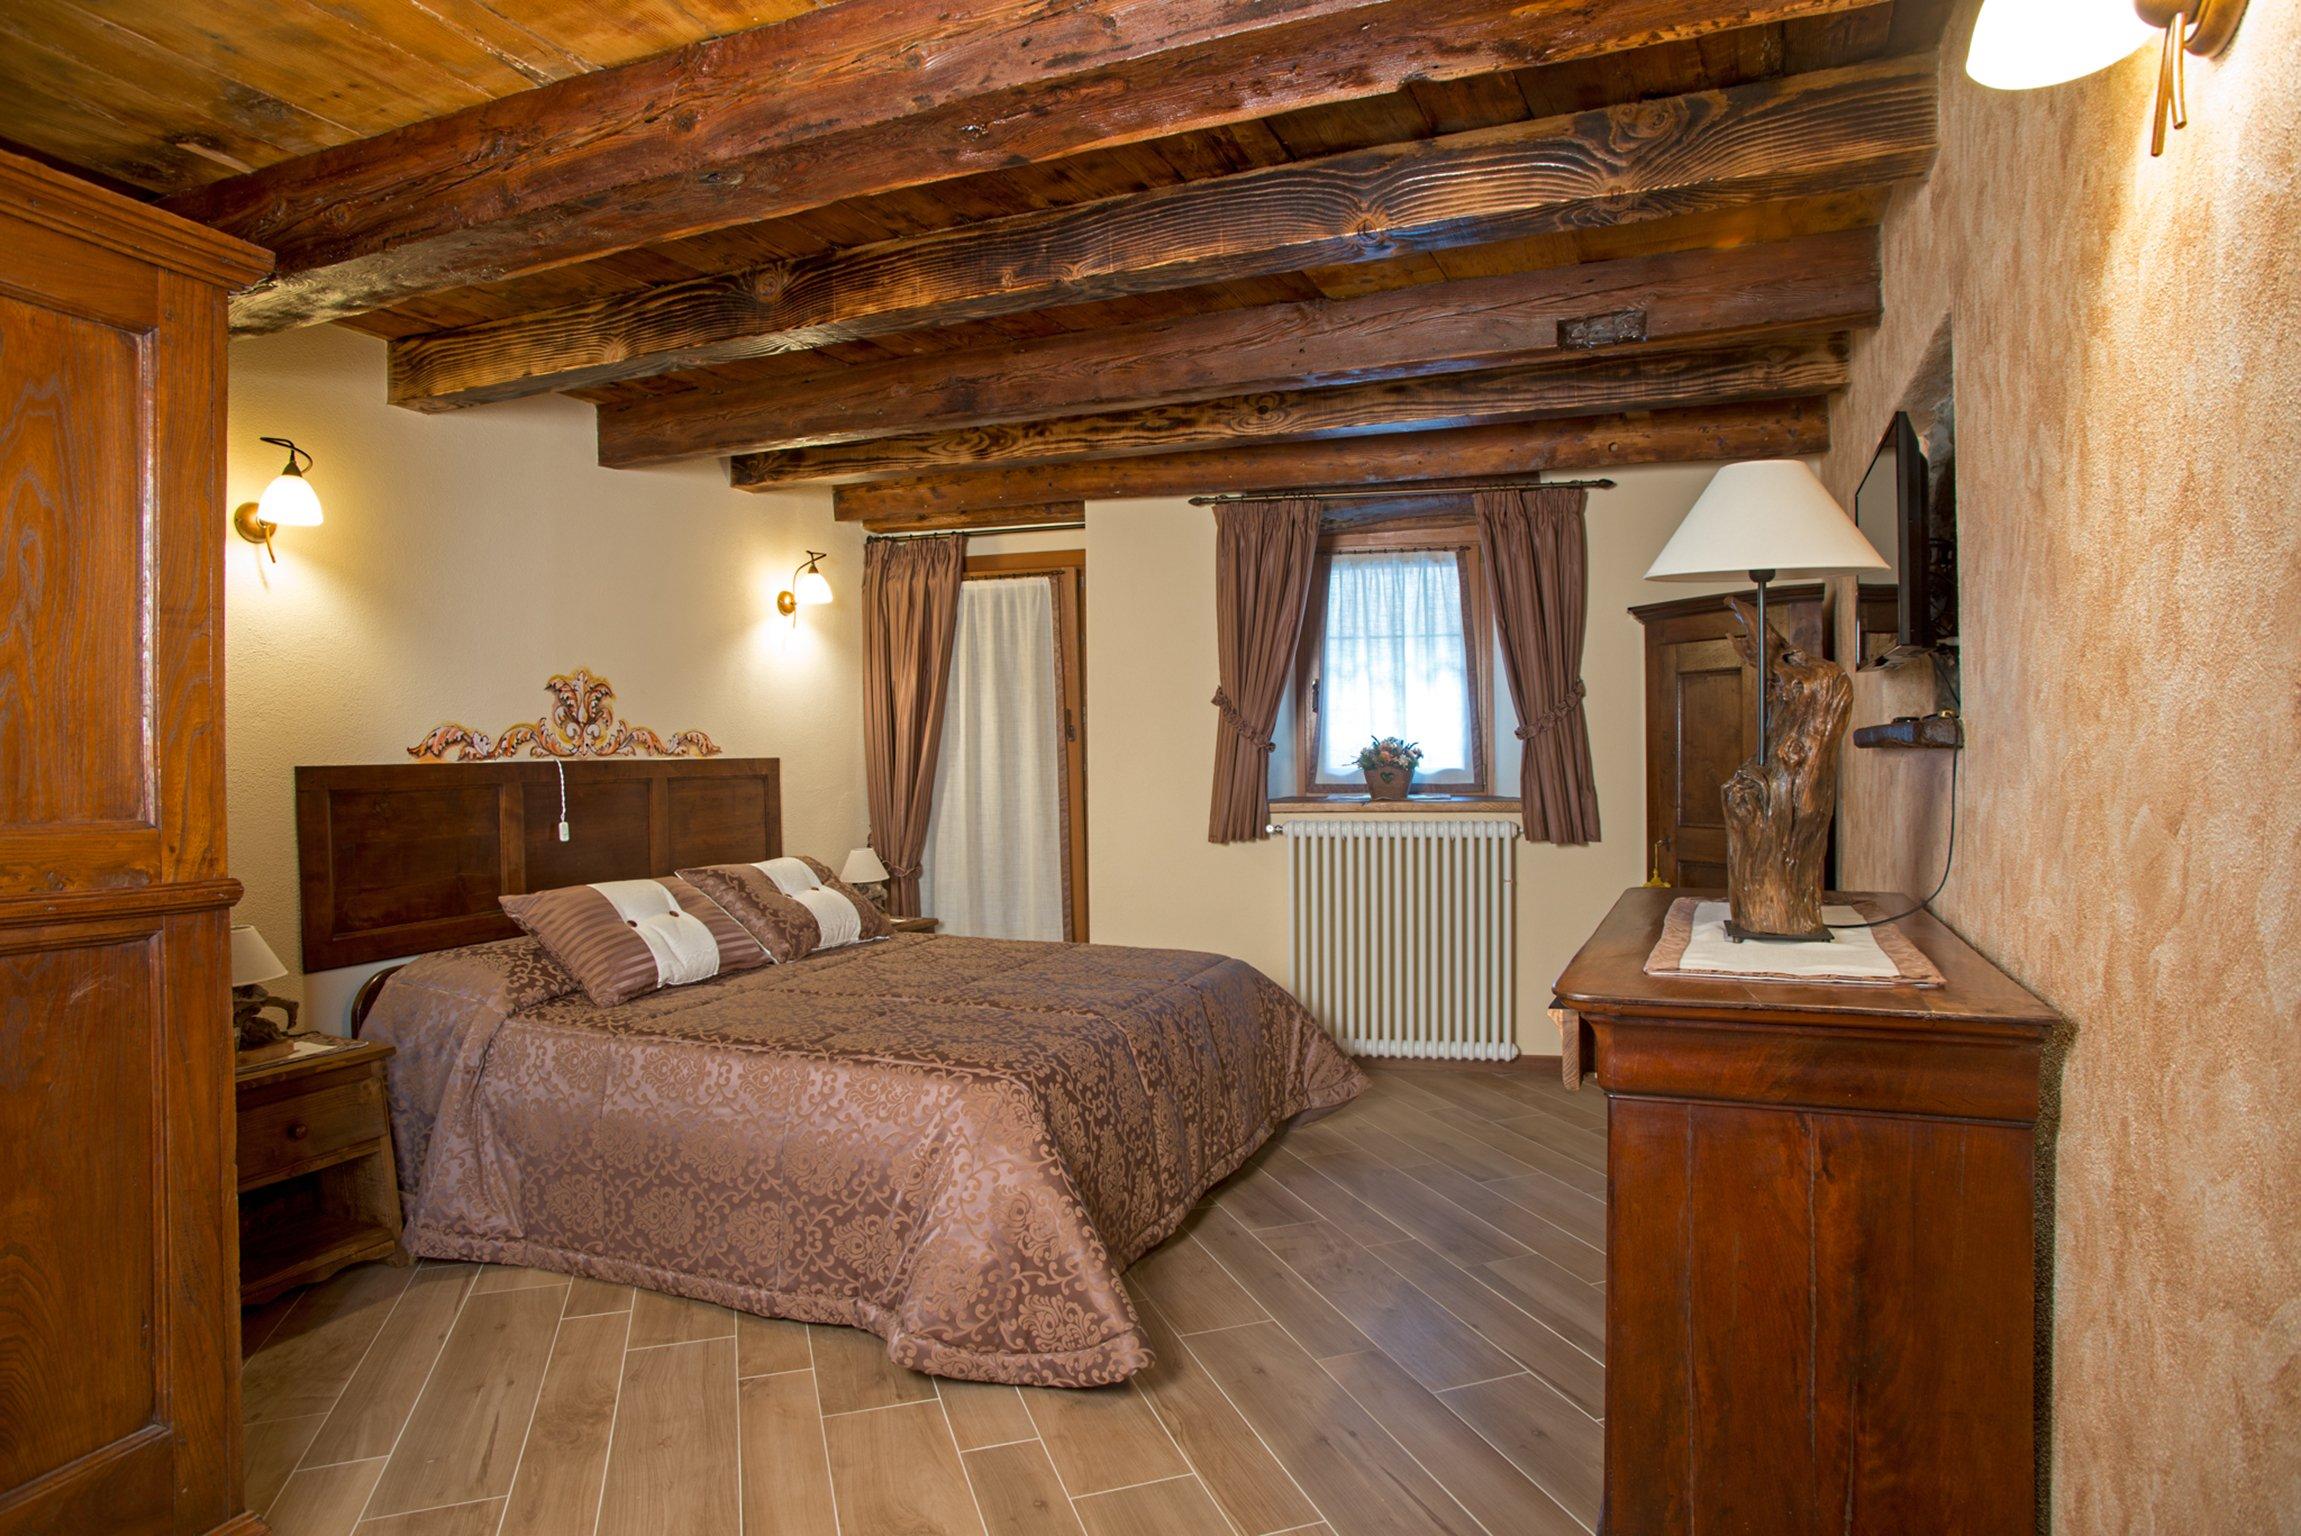 camera da letto con cuscini e coperte